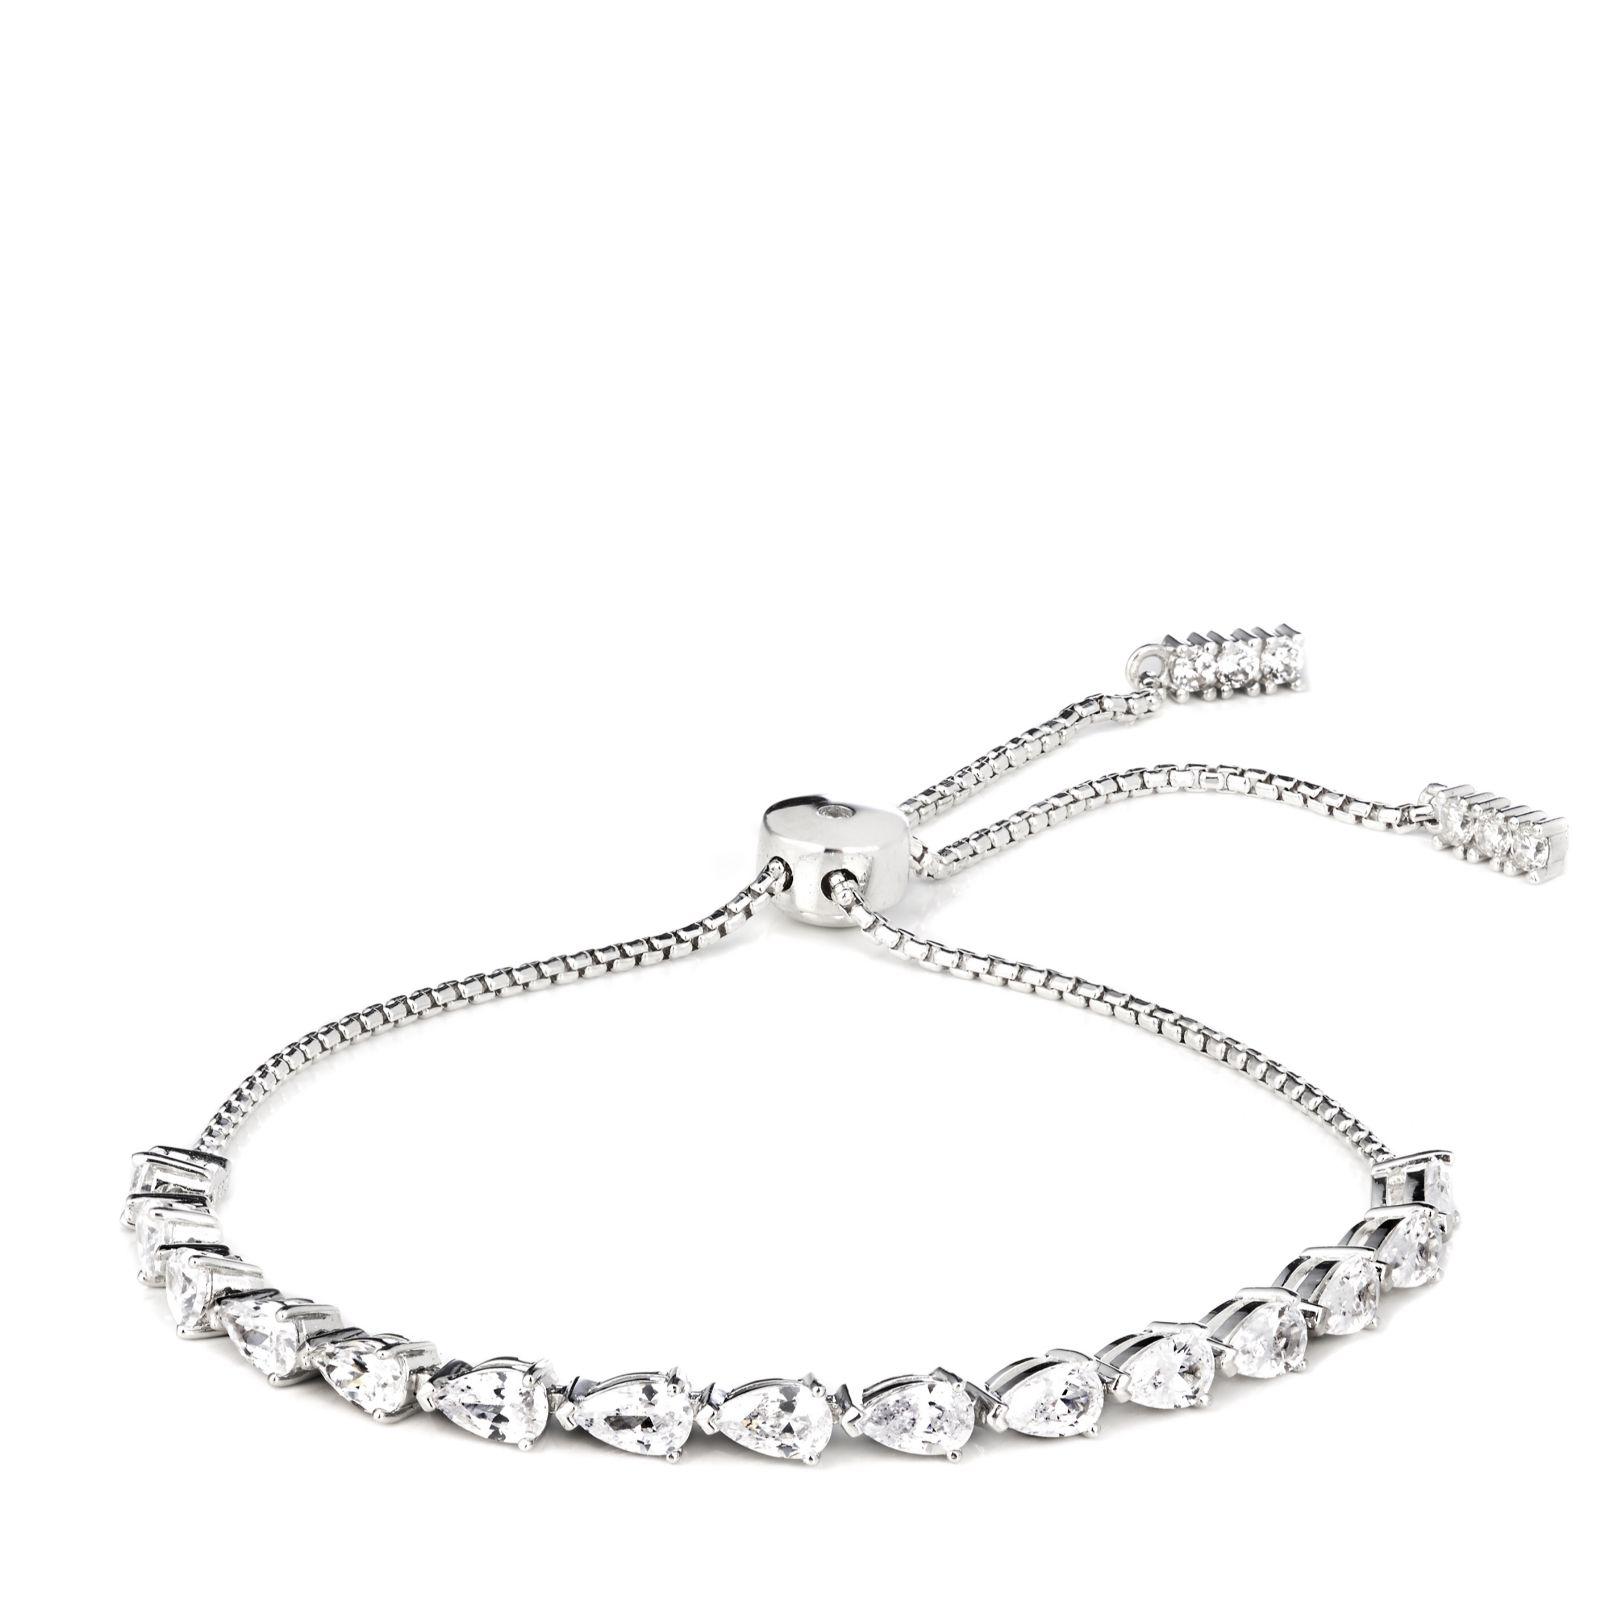 3066dbd27fc70 Diamonique 4ct tw Friendship Bracelet Sterling Silver - QVC UK